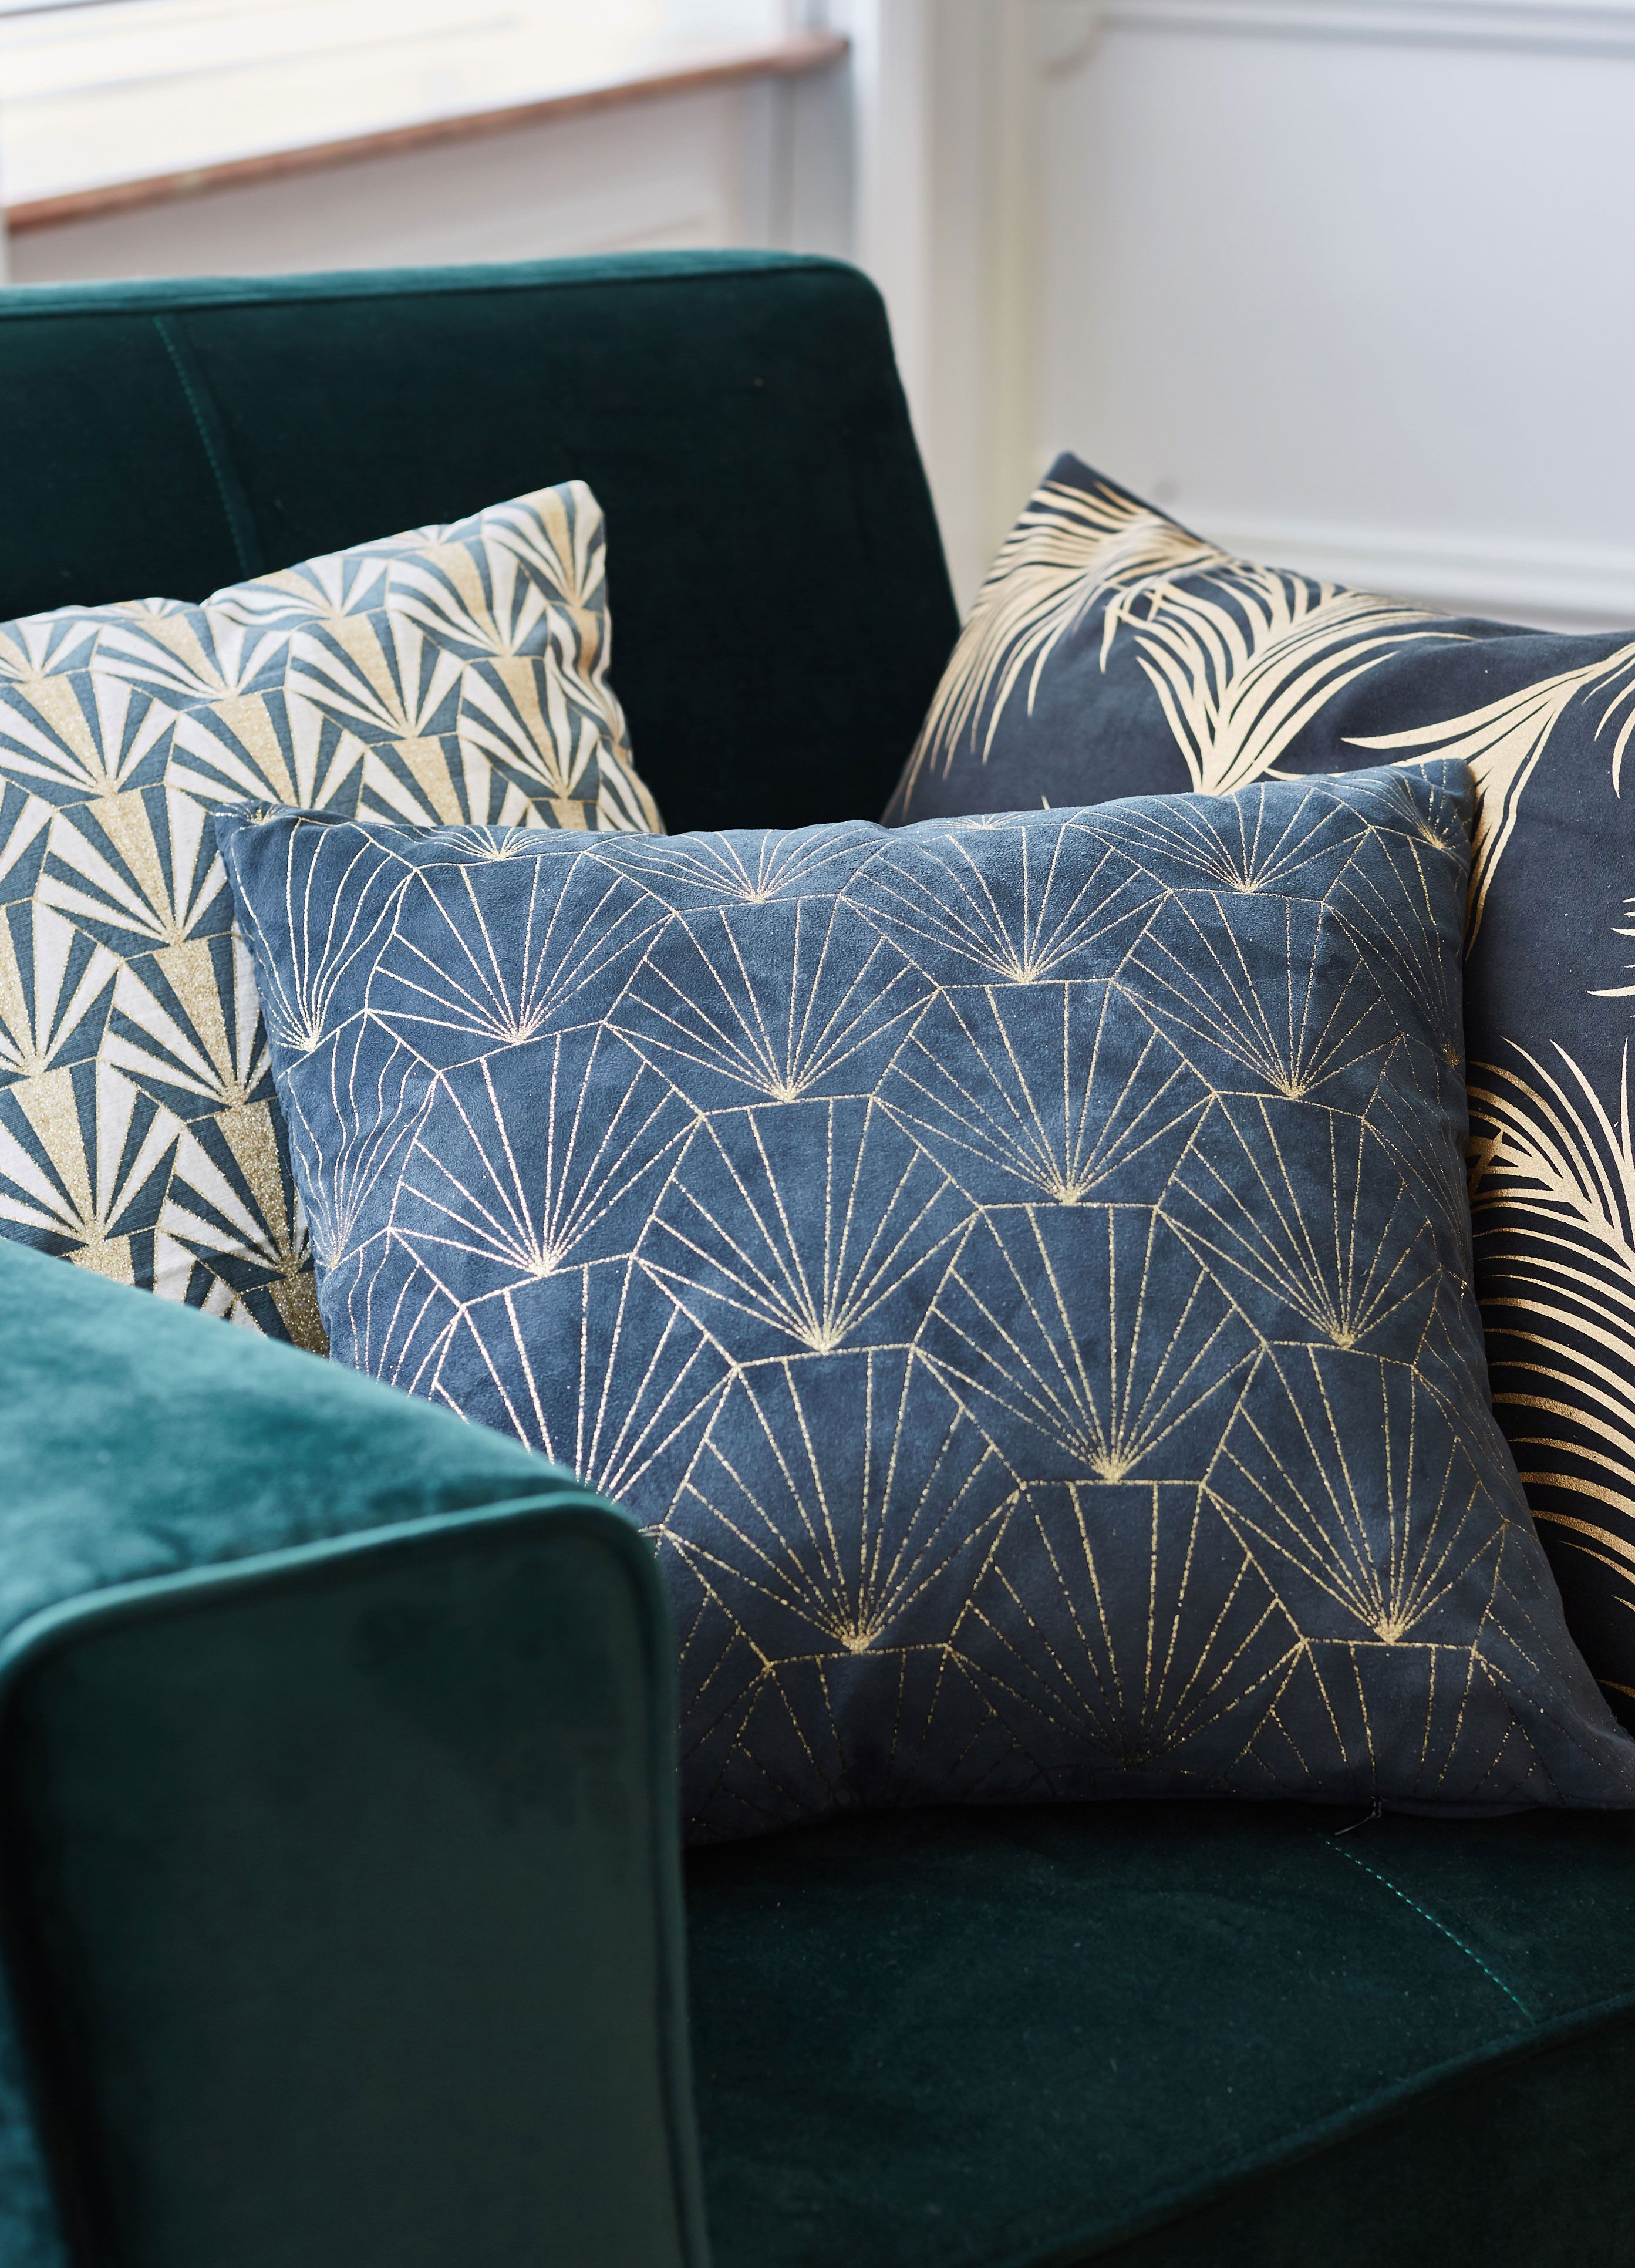 Hixou Coussin A Motifs Pailletes Decoration Deco Maison Alinea Avec Images Pouf En Tissu Canape Angle Coussin